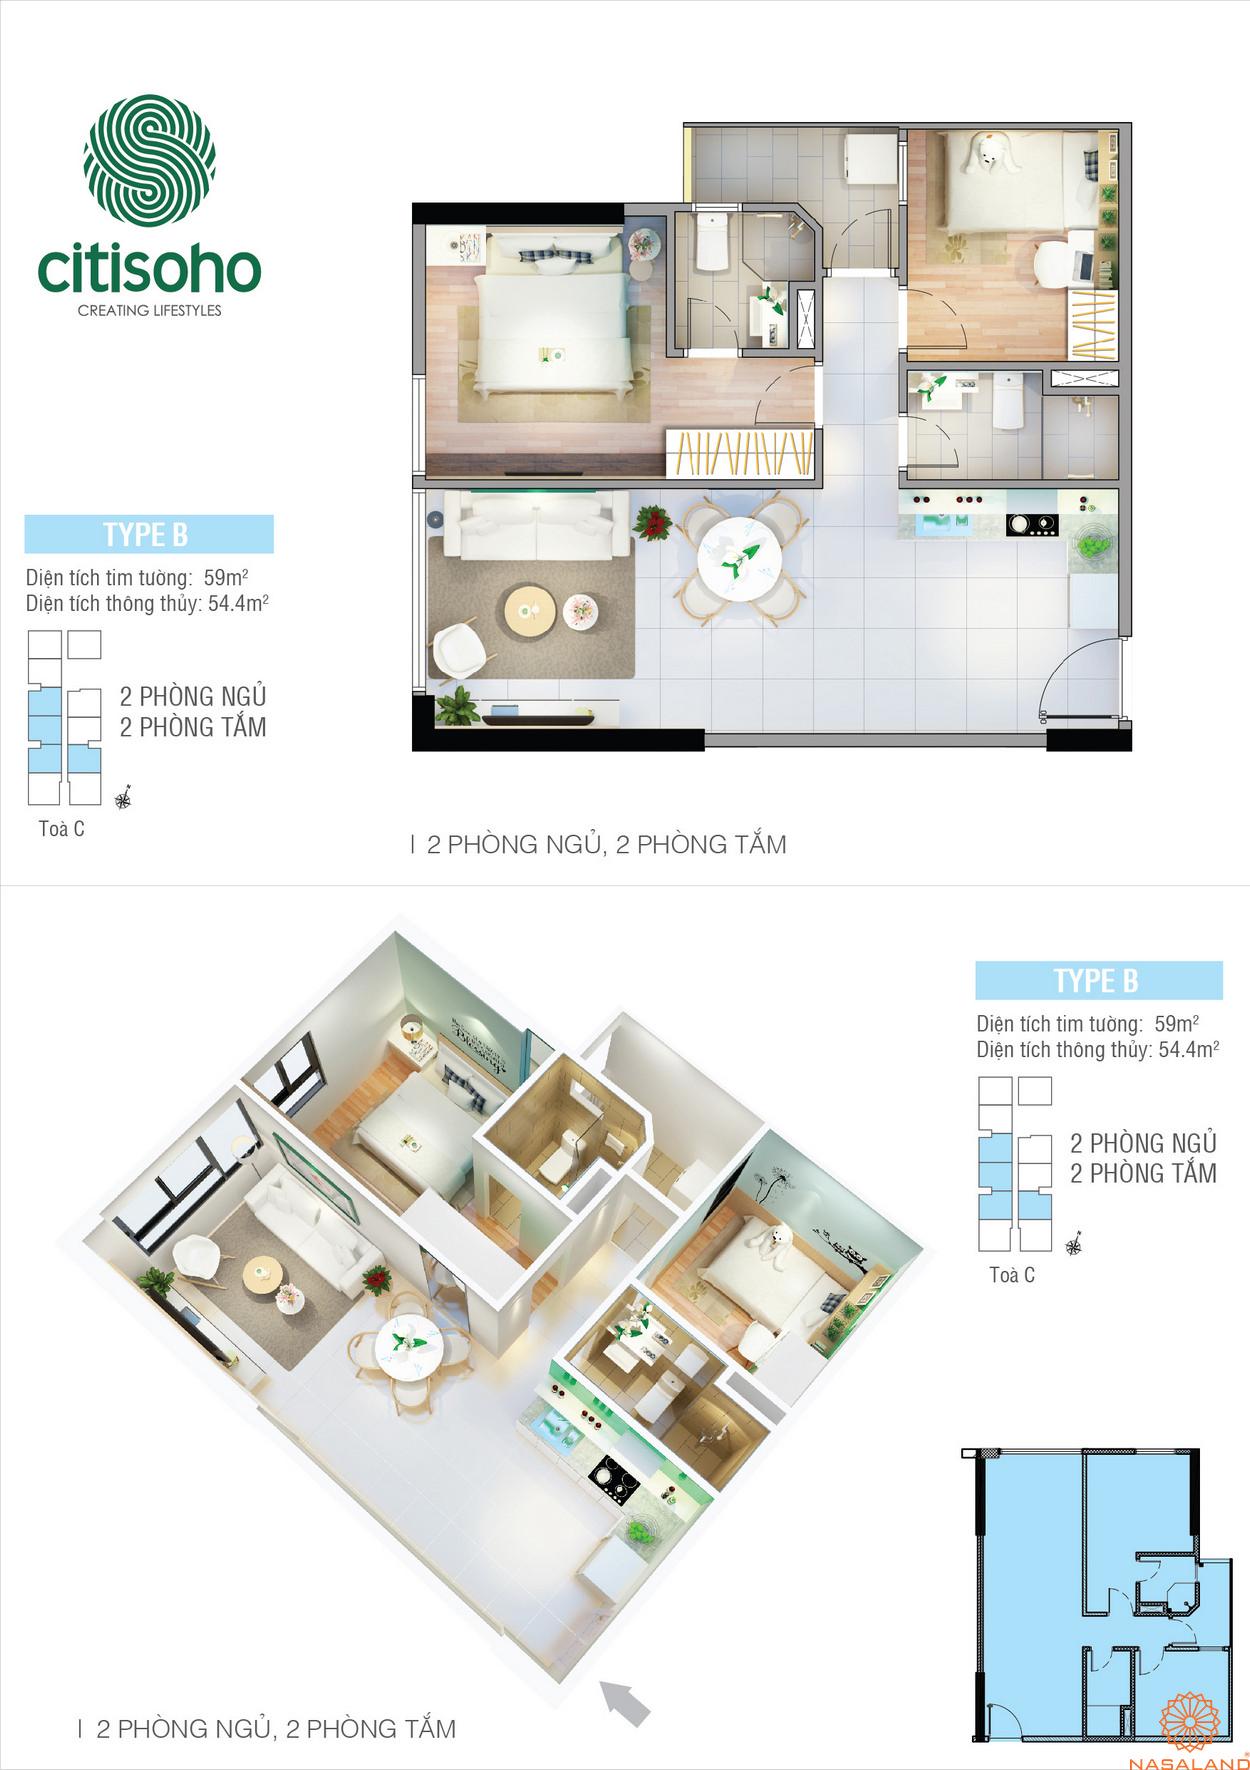 Thiết kế điển hình của căn hộ trong dự án CitiSoho